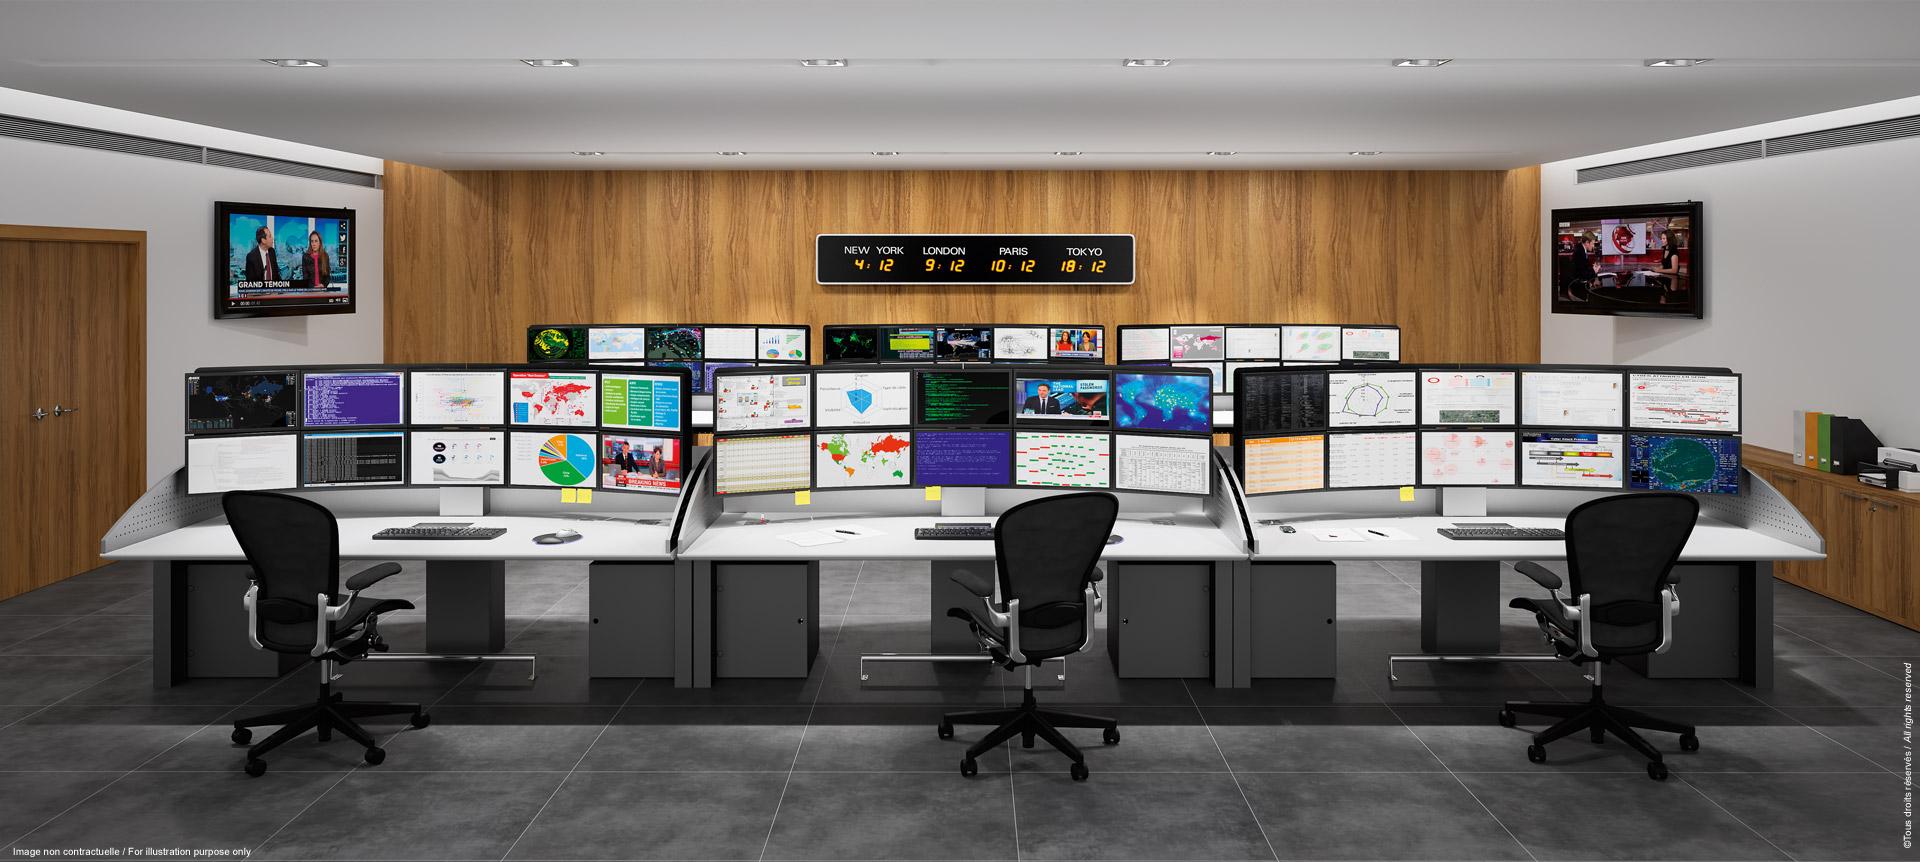 Bureau professionnel multi-écrans sur-mesure pour vos salles de contrôle ou des marchés, centres de vidéo-surveillance